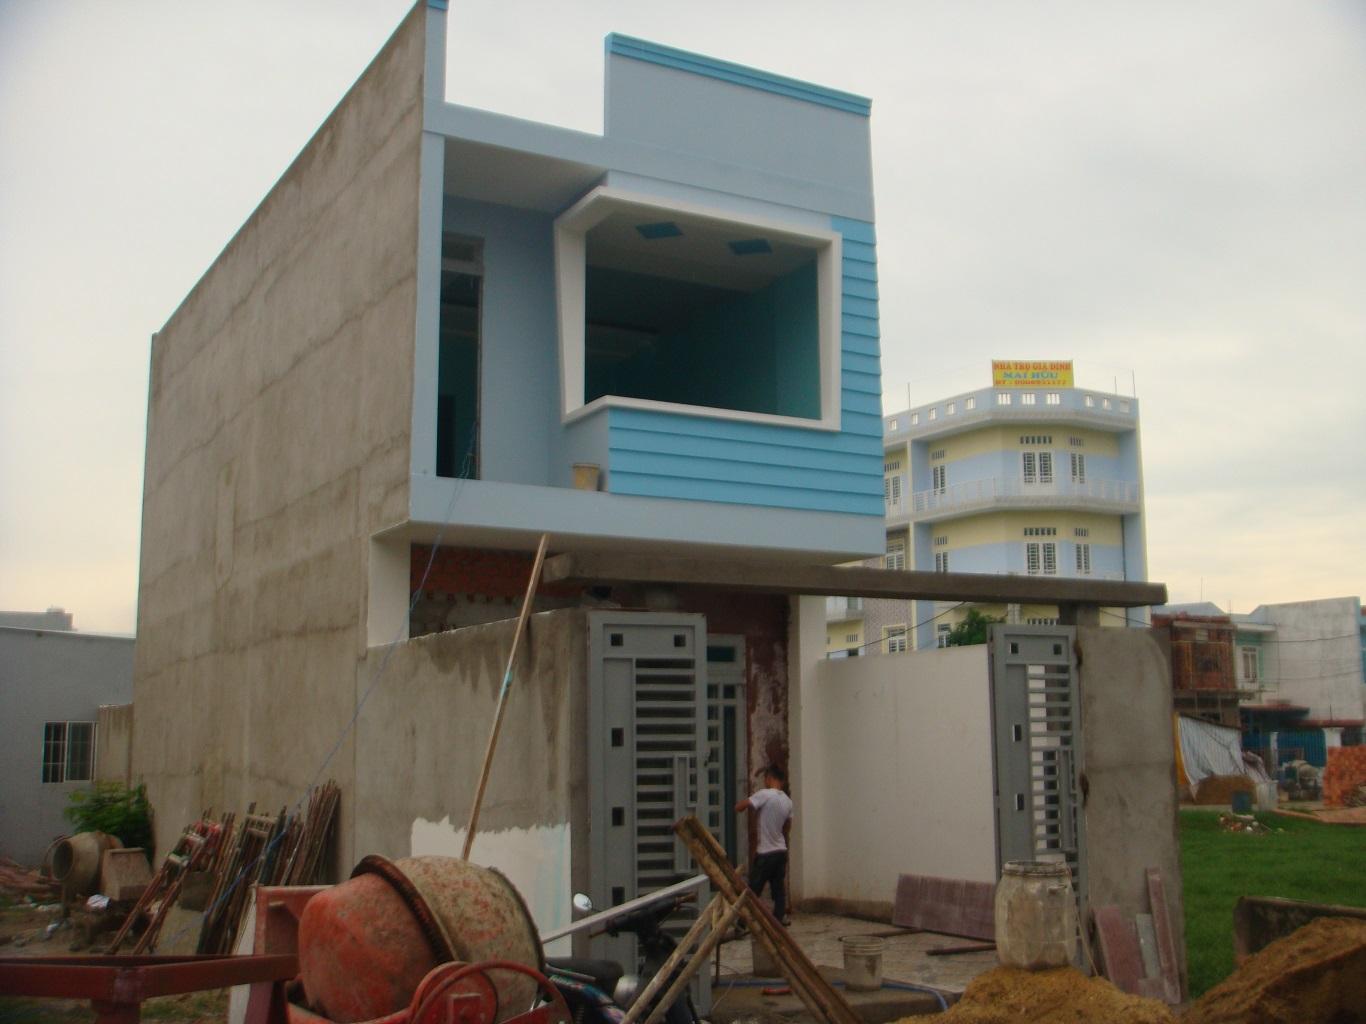 Một mẫu nhà cấp 4 sau khi cải tạo nâng tầng